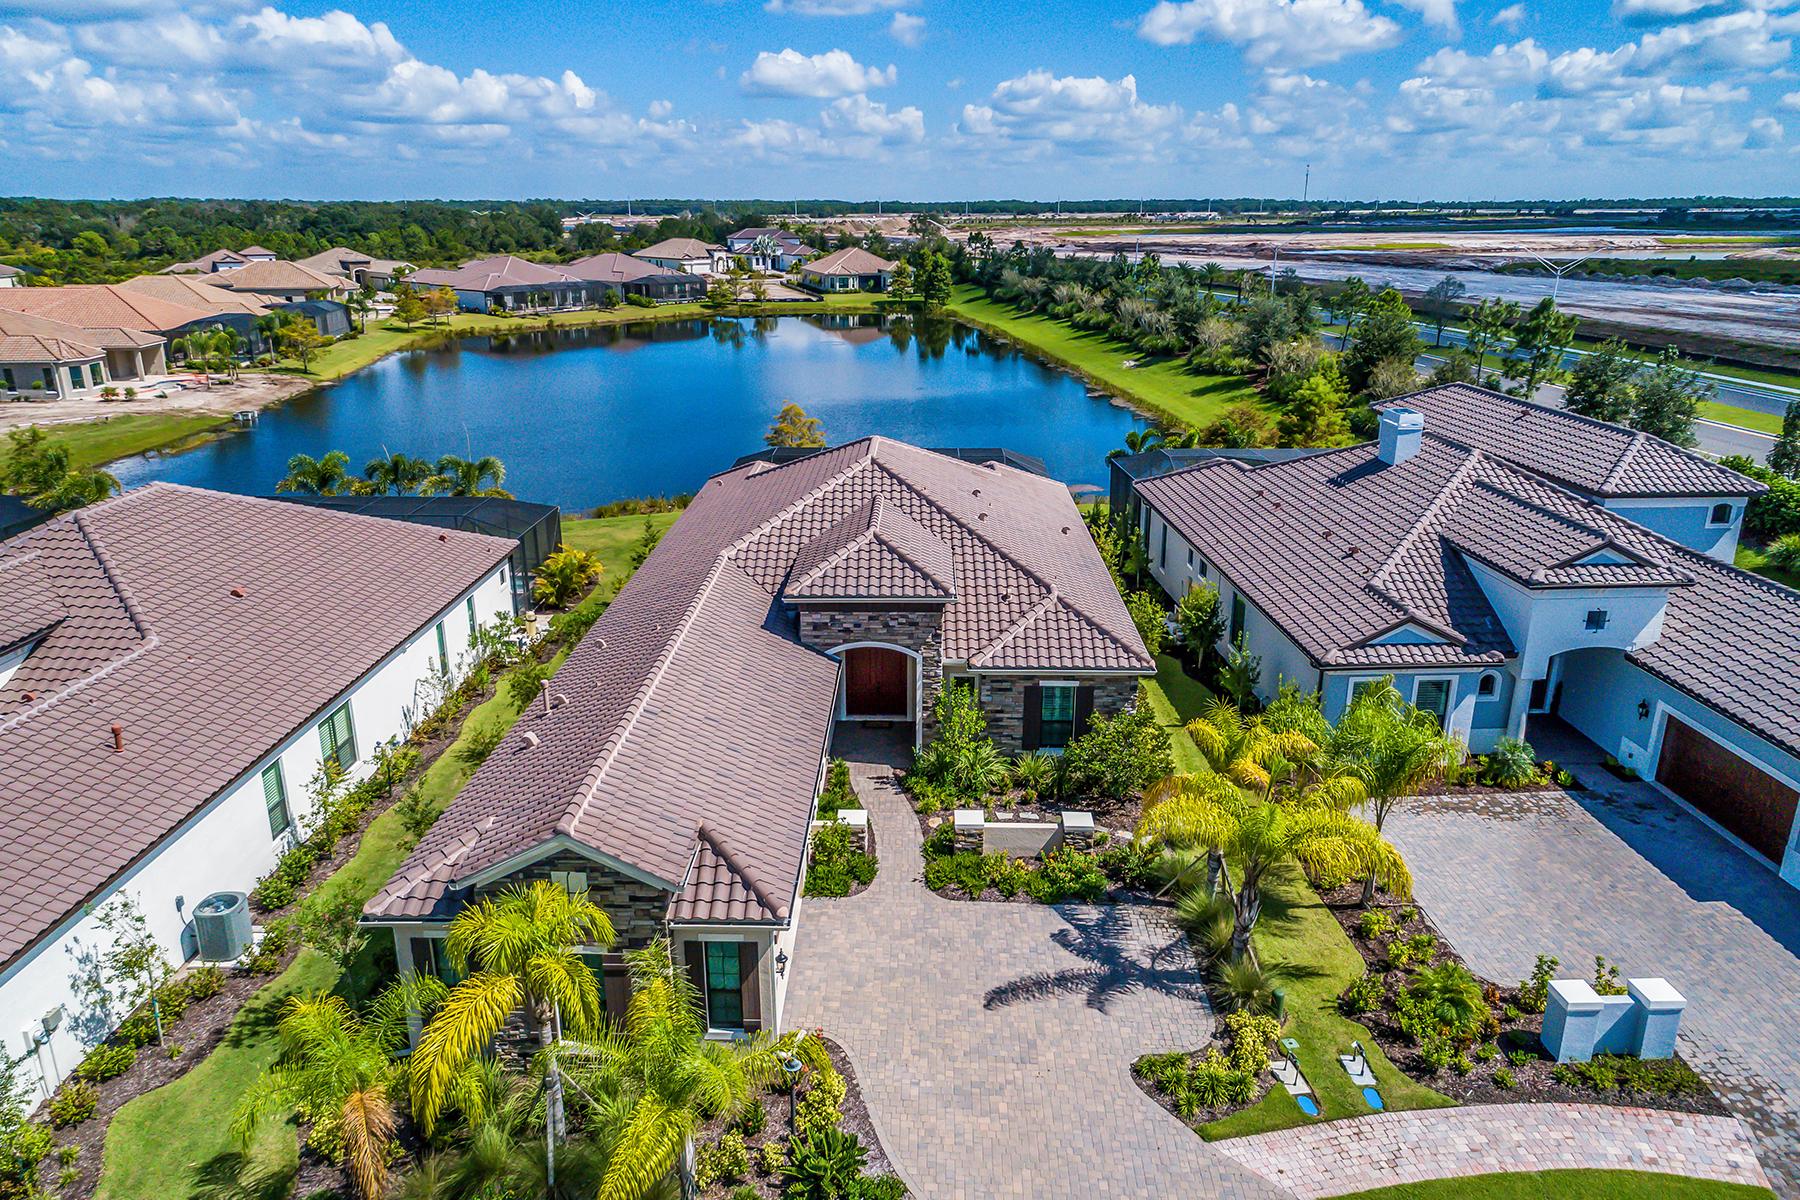 Single Family Homes für Verkauf beim LAKEWOOD RANCH 7719 Sudbury Gln, Lakewood Ranch, Florida 34202 Vereinigte Staaten